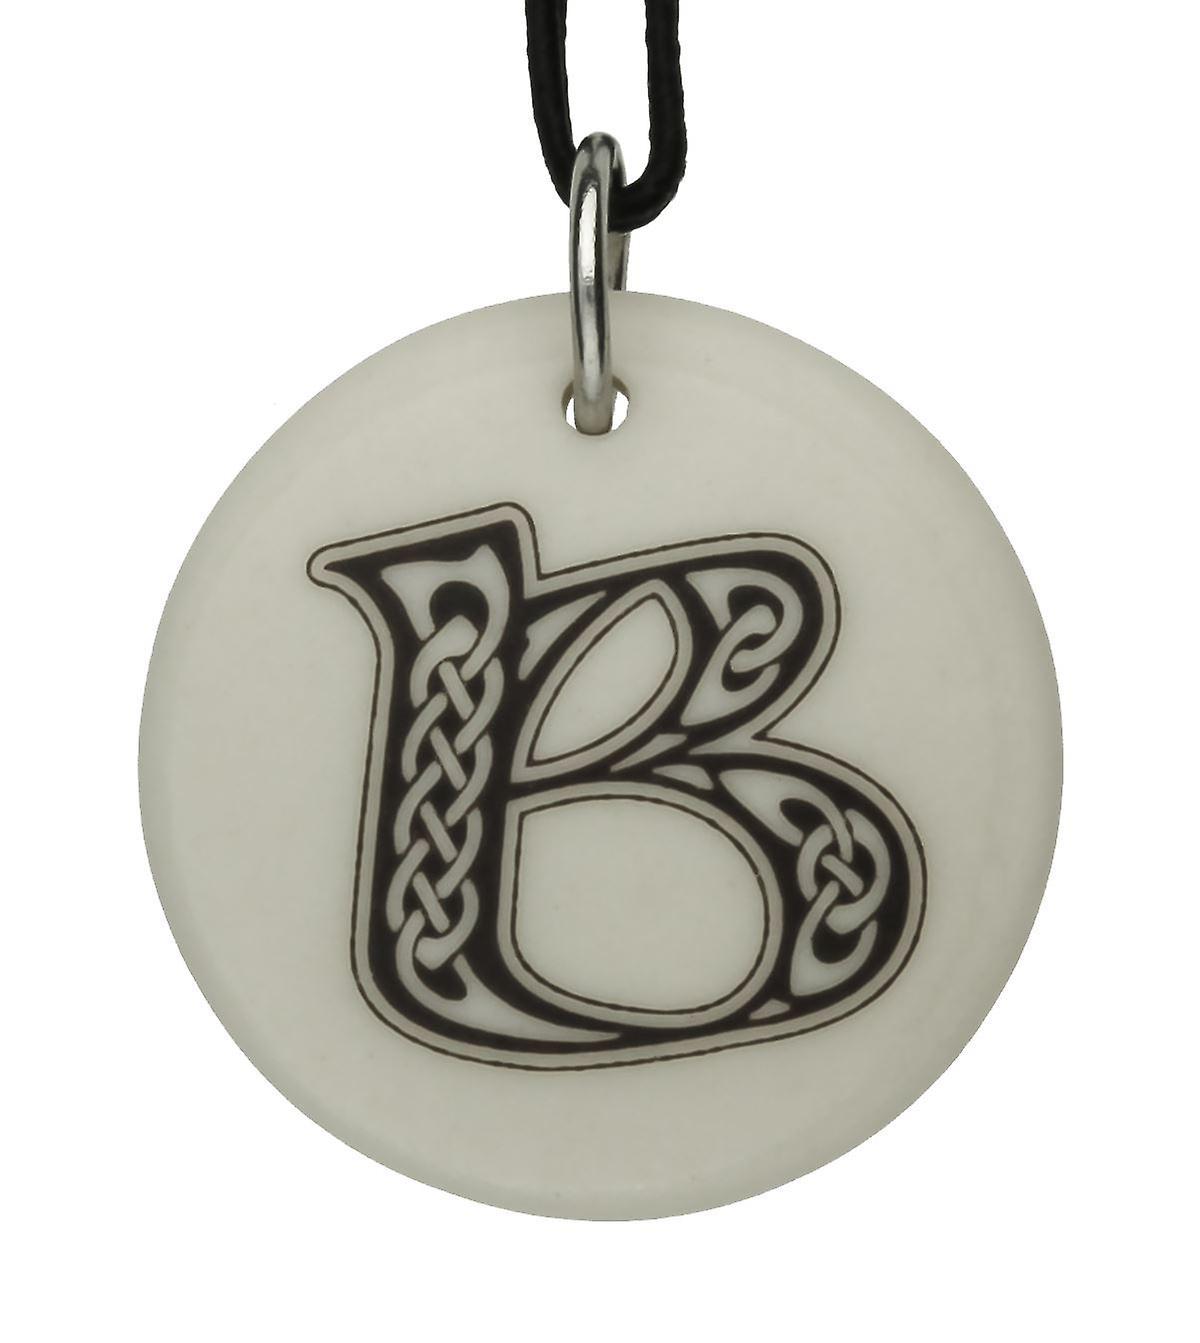 Handmade Celtic Initial Round Shaped Porcelain Pendant - Letter 'B'